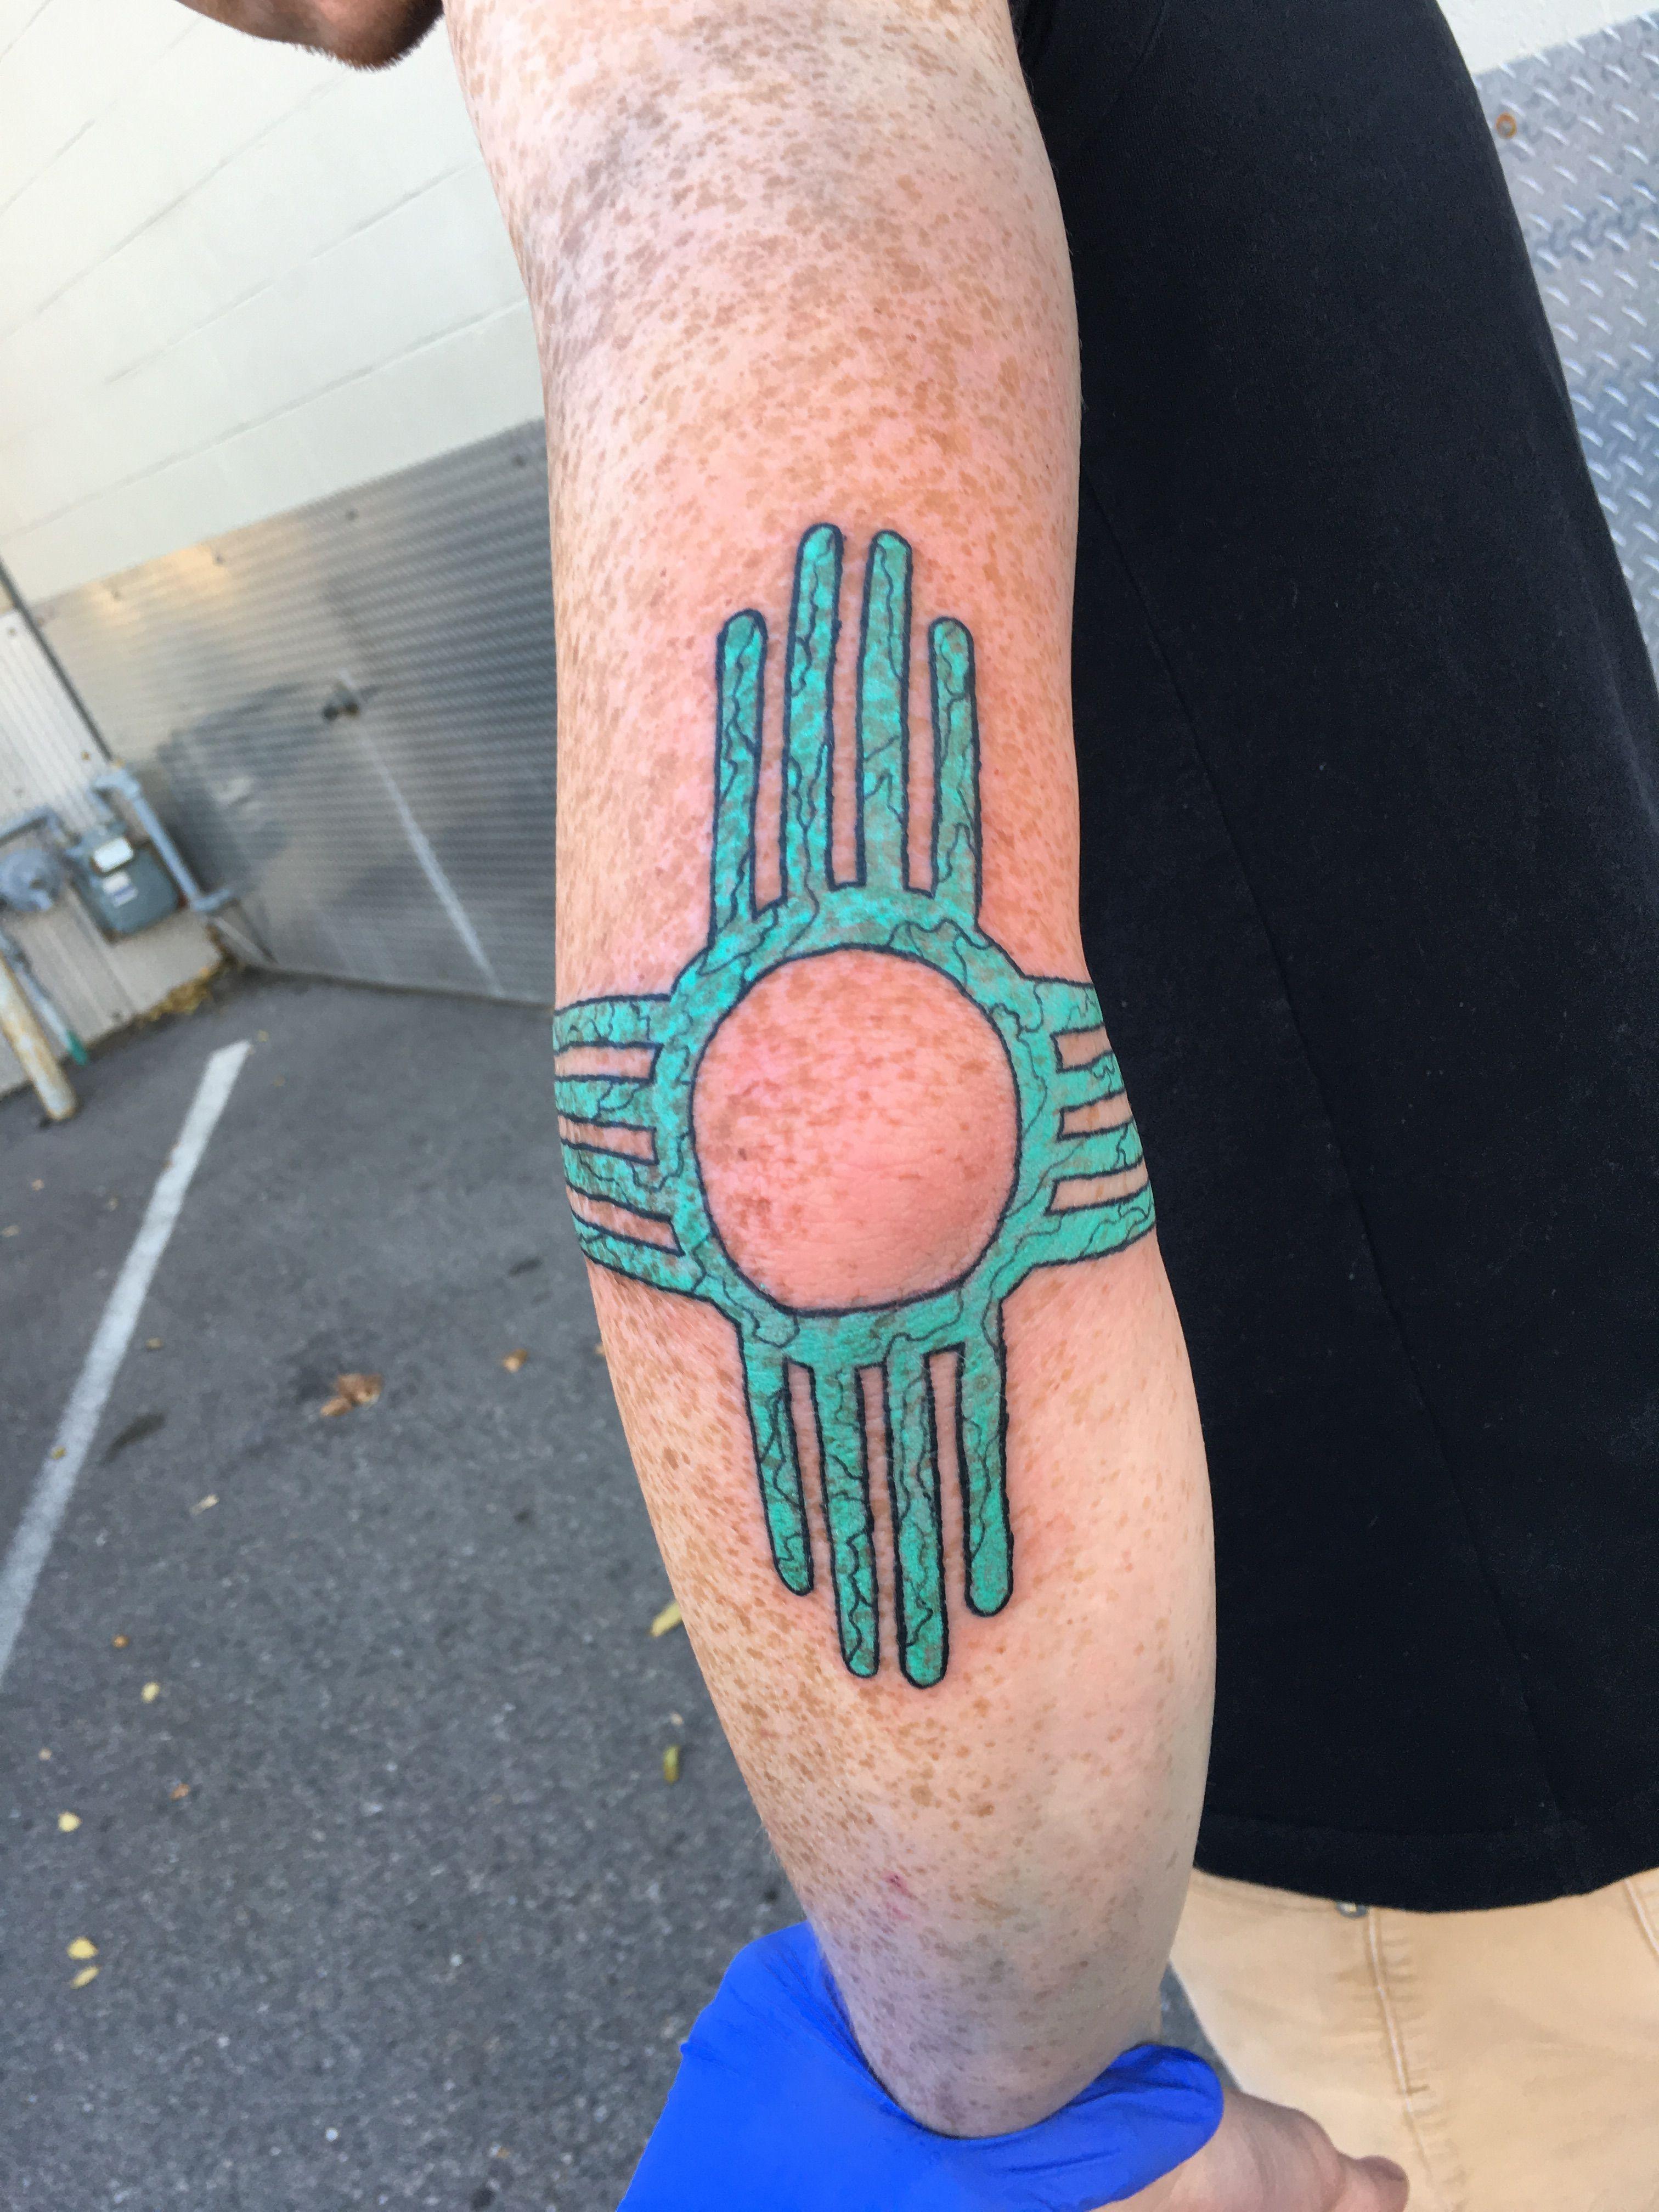 Zia Sun Tattoo Elbow Tattoos Pinterest Tattoos Sun Tattoos